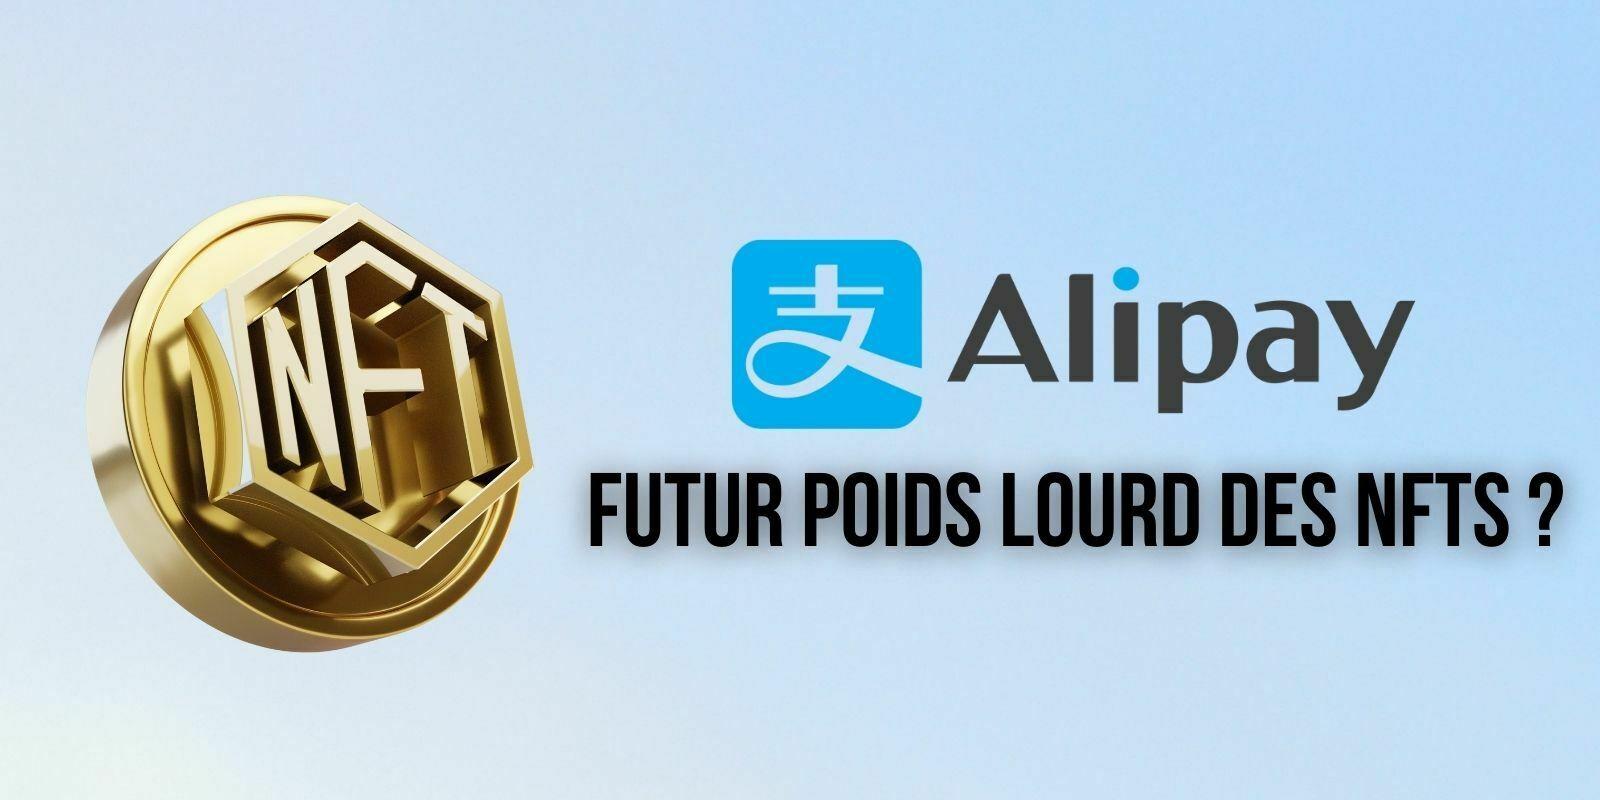 Le géant chinois du paiement Alipay se lance dans la vente de NFTs – Deviendra-t-il l'un des leaders du secteur ?